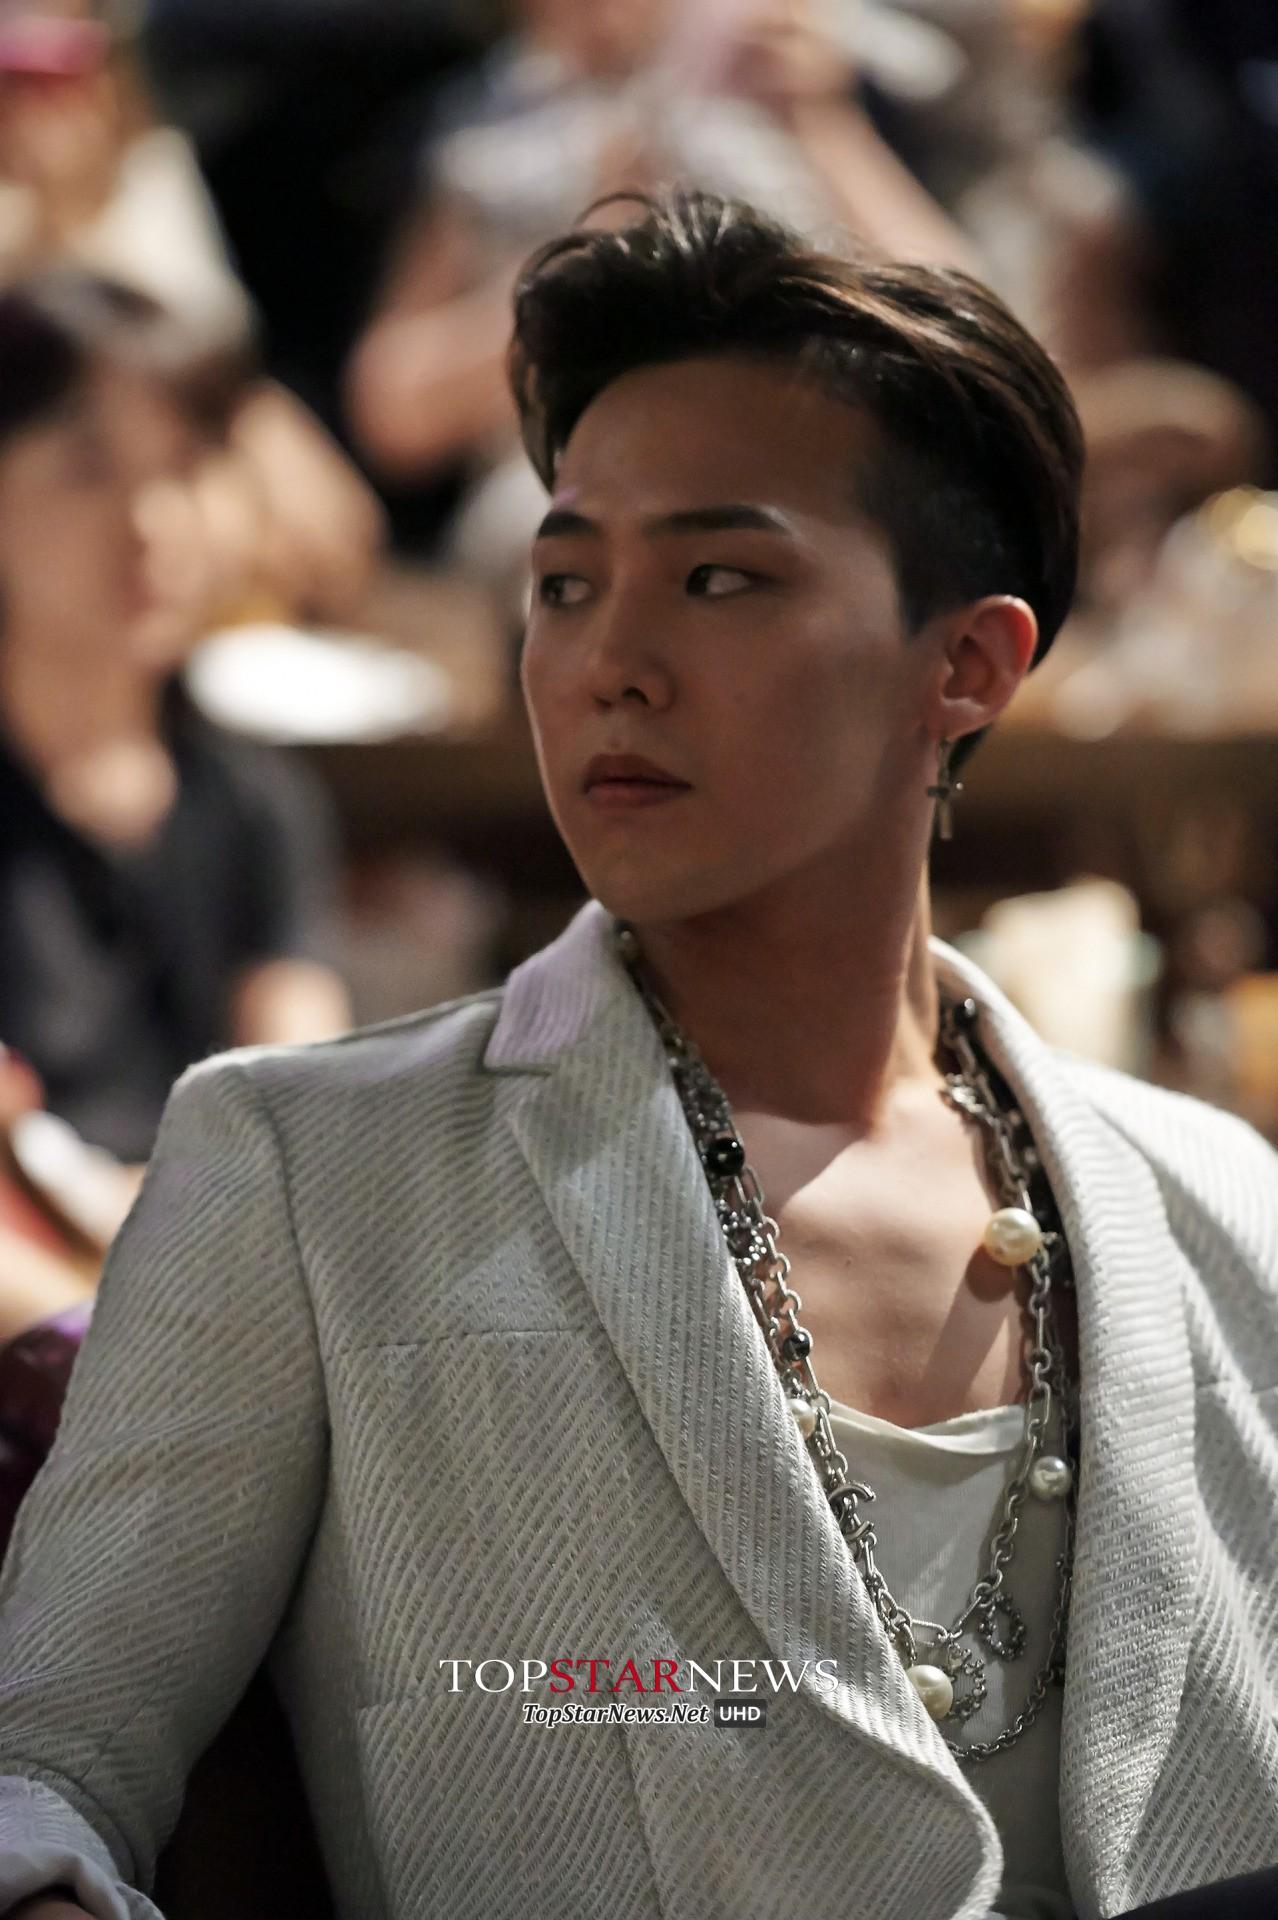 Lộ hình ảnh hiếm hoi của G-Dragon trong quân ngũ: Từ bộ xương di động lột xác thành ông chú bụng bia - Ảnh 2.